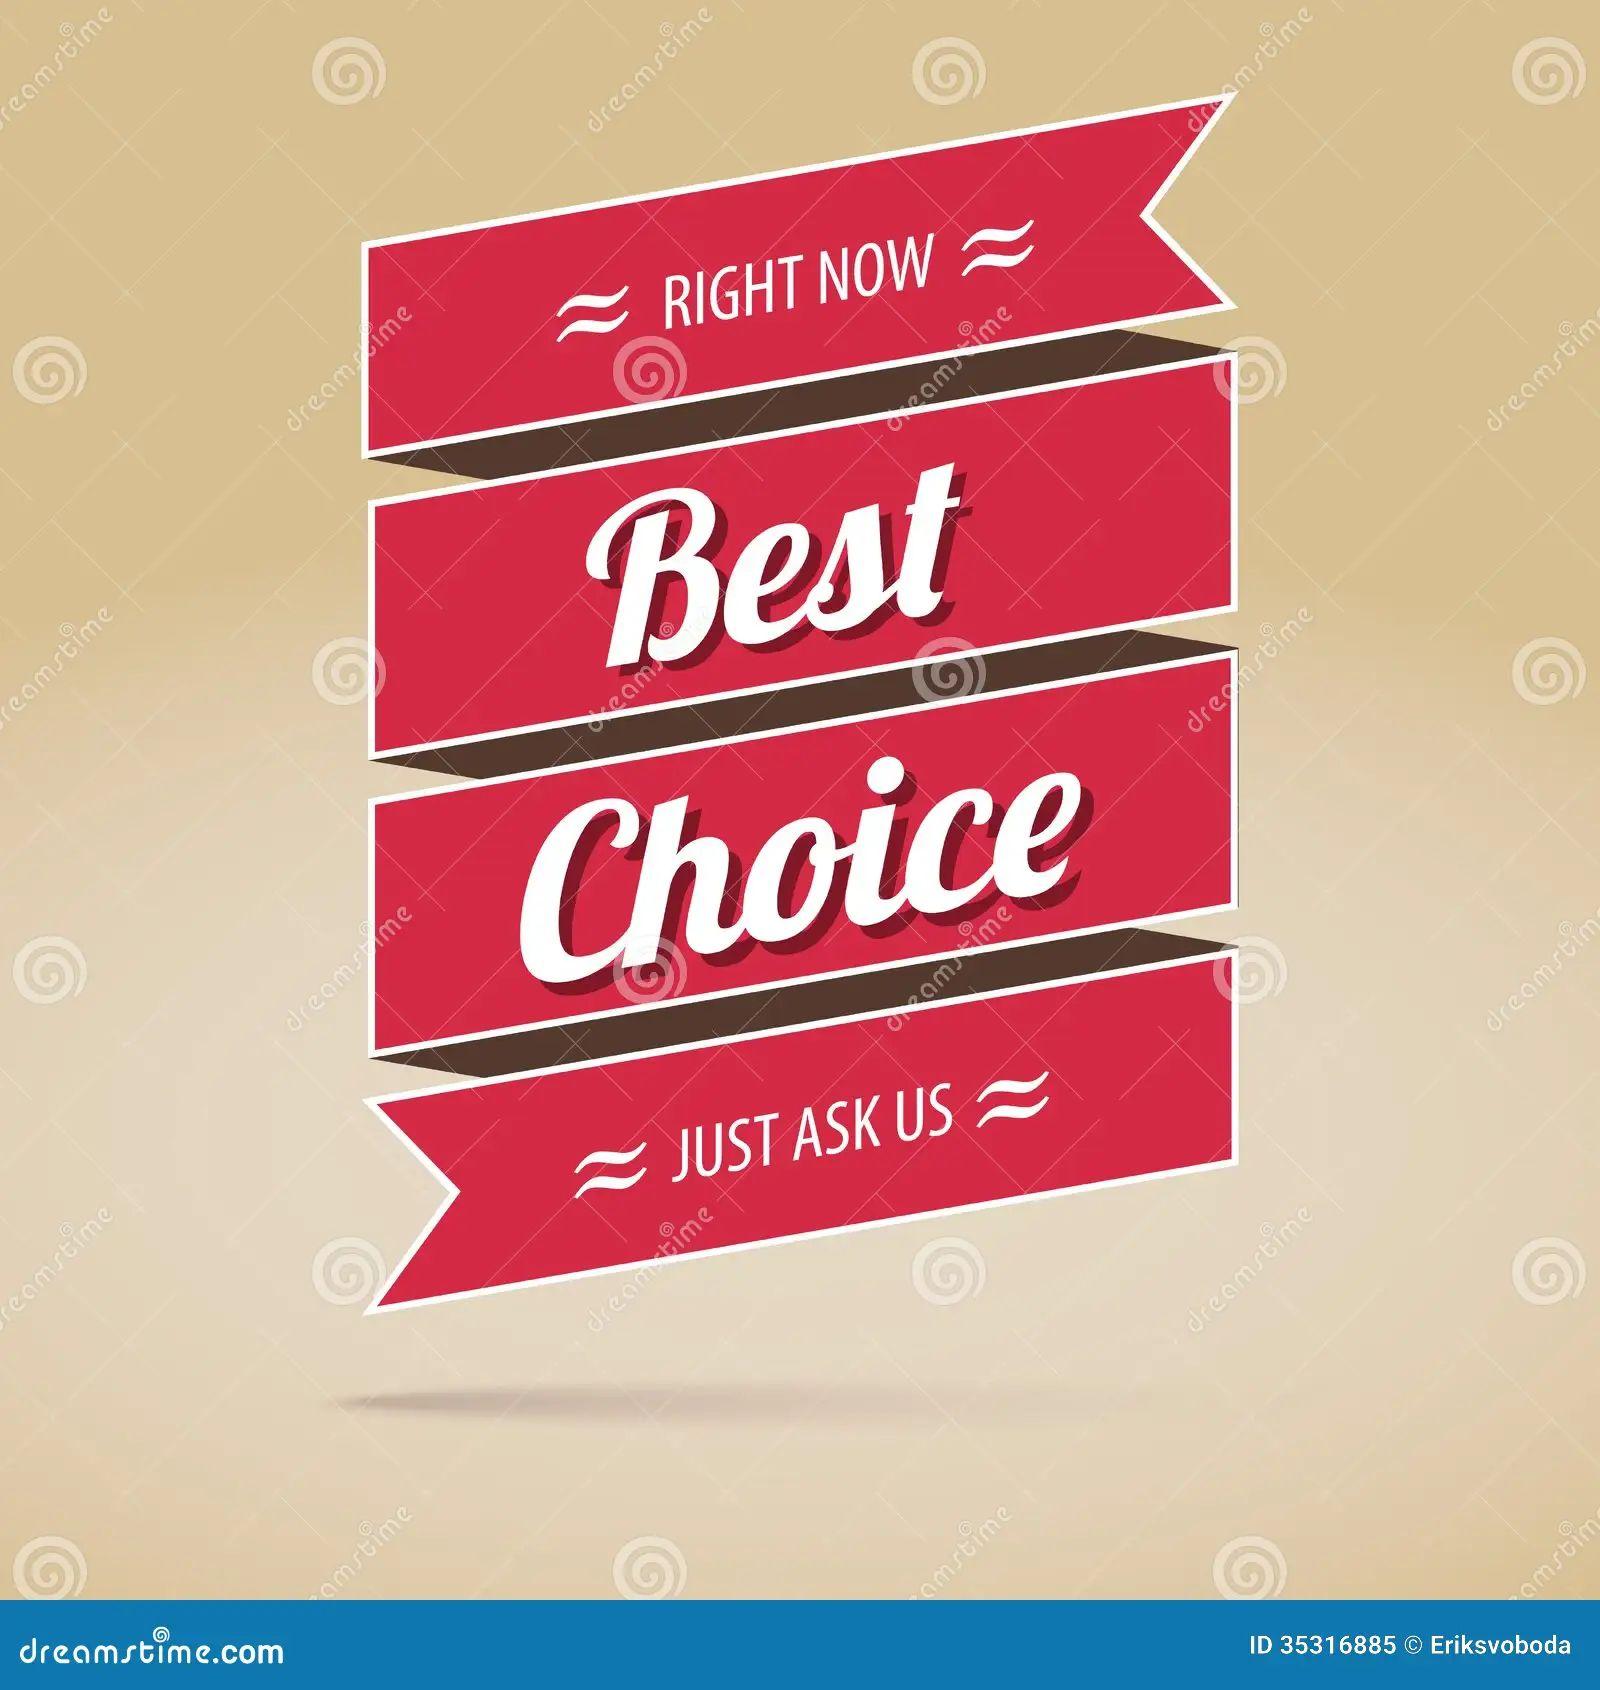 Poster design best -  Best Choice Design Illustration Poster Download